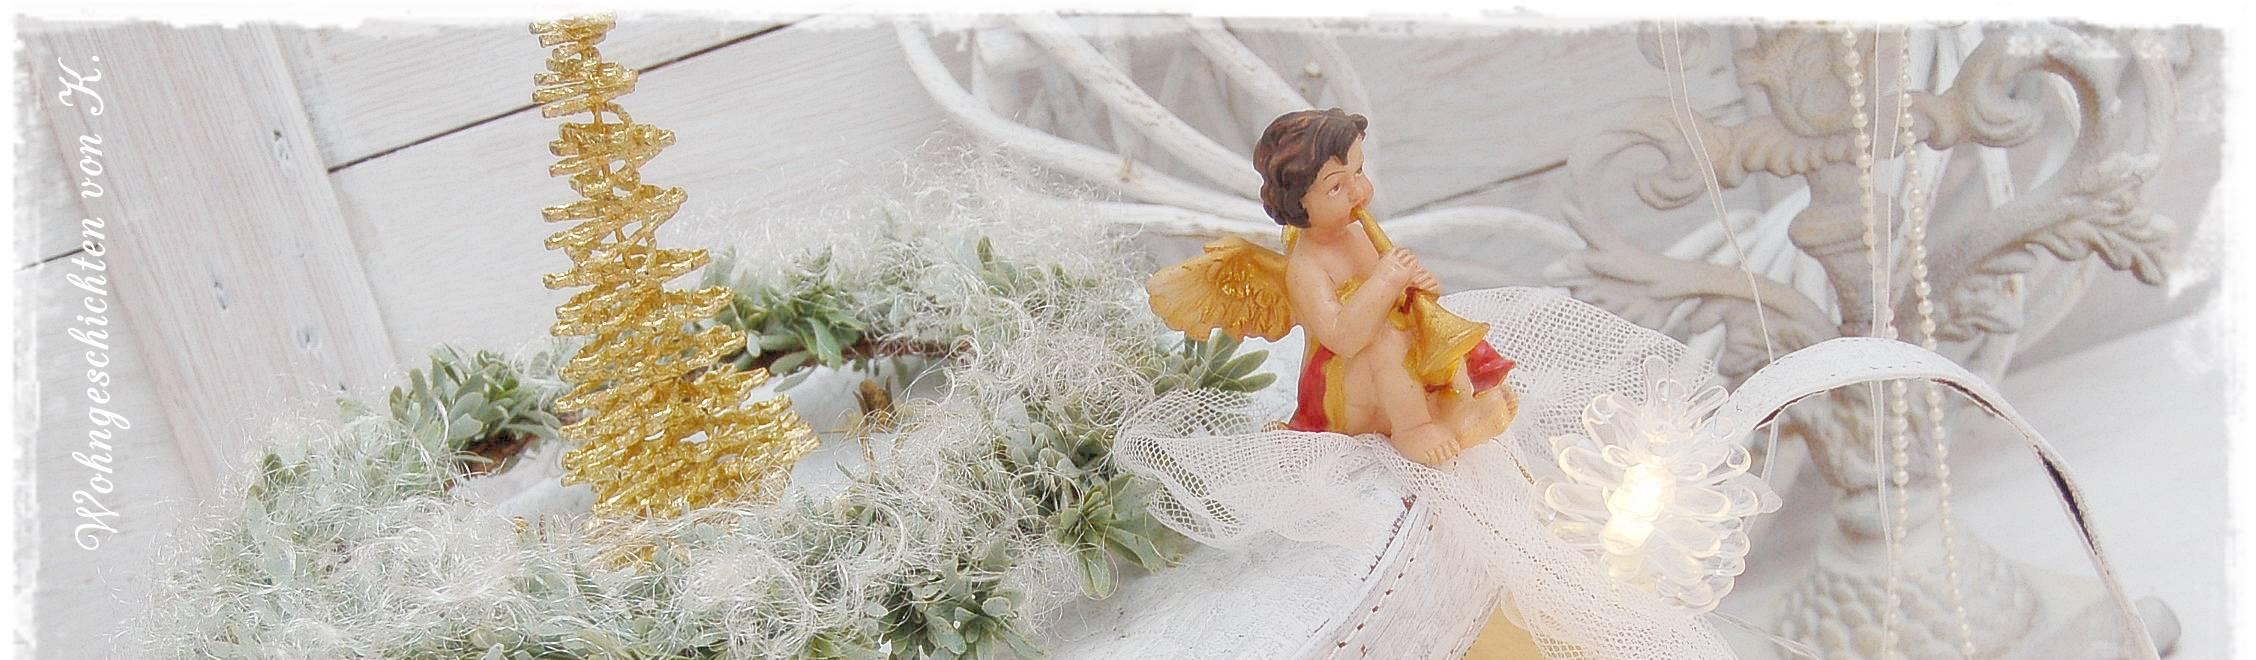 Weihnachtsdeko Roller.Weihnachtsdeko Von Wohngeschichten Von K Homify